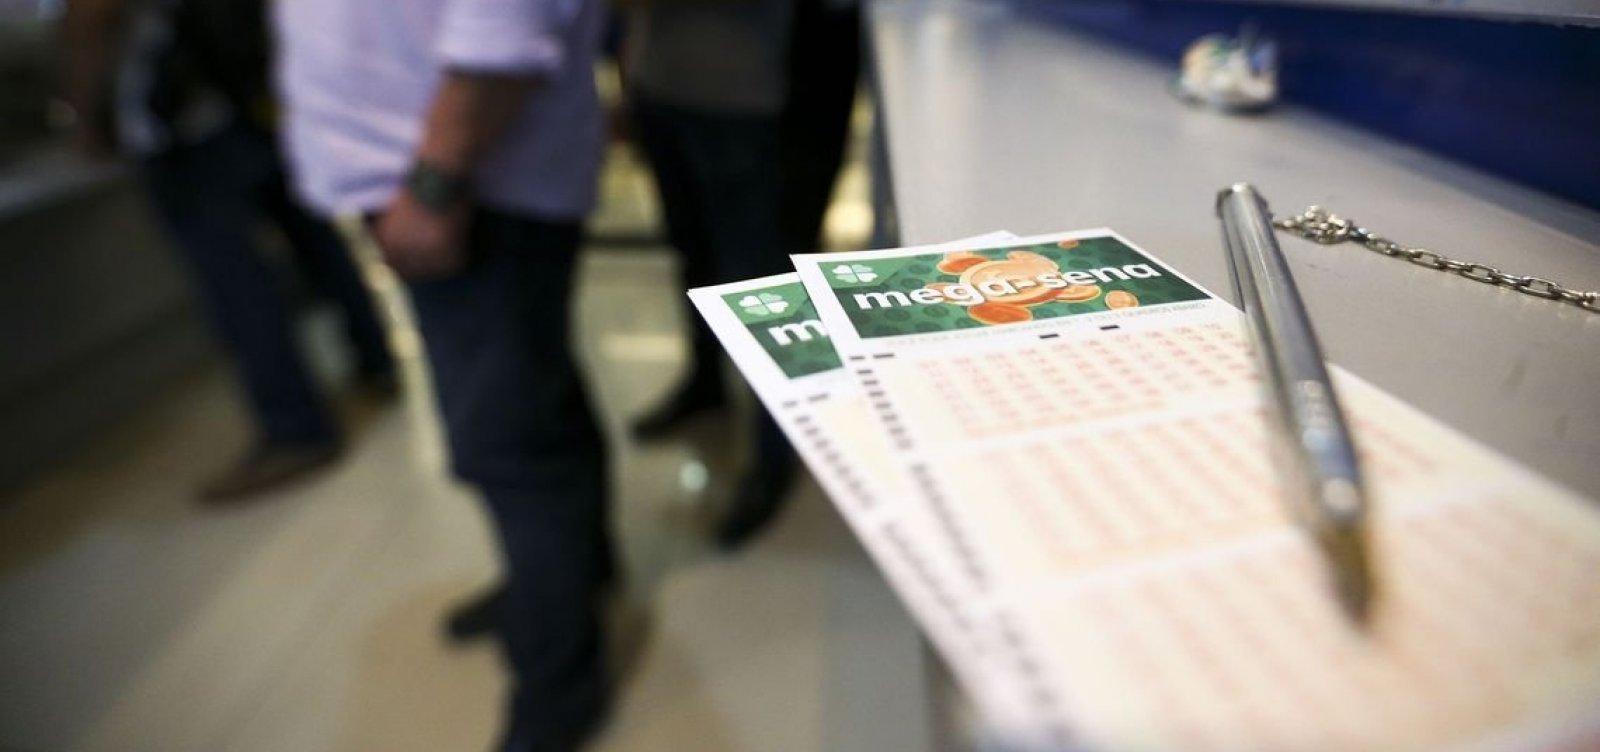 [Arrecadação com loterias aumenta 22,7% em 2019]